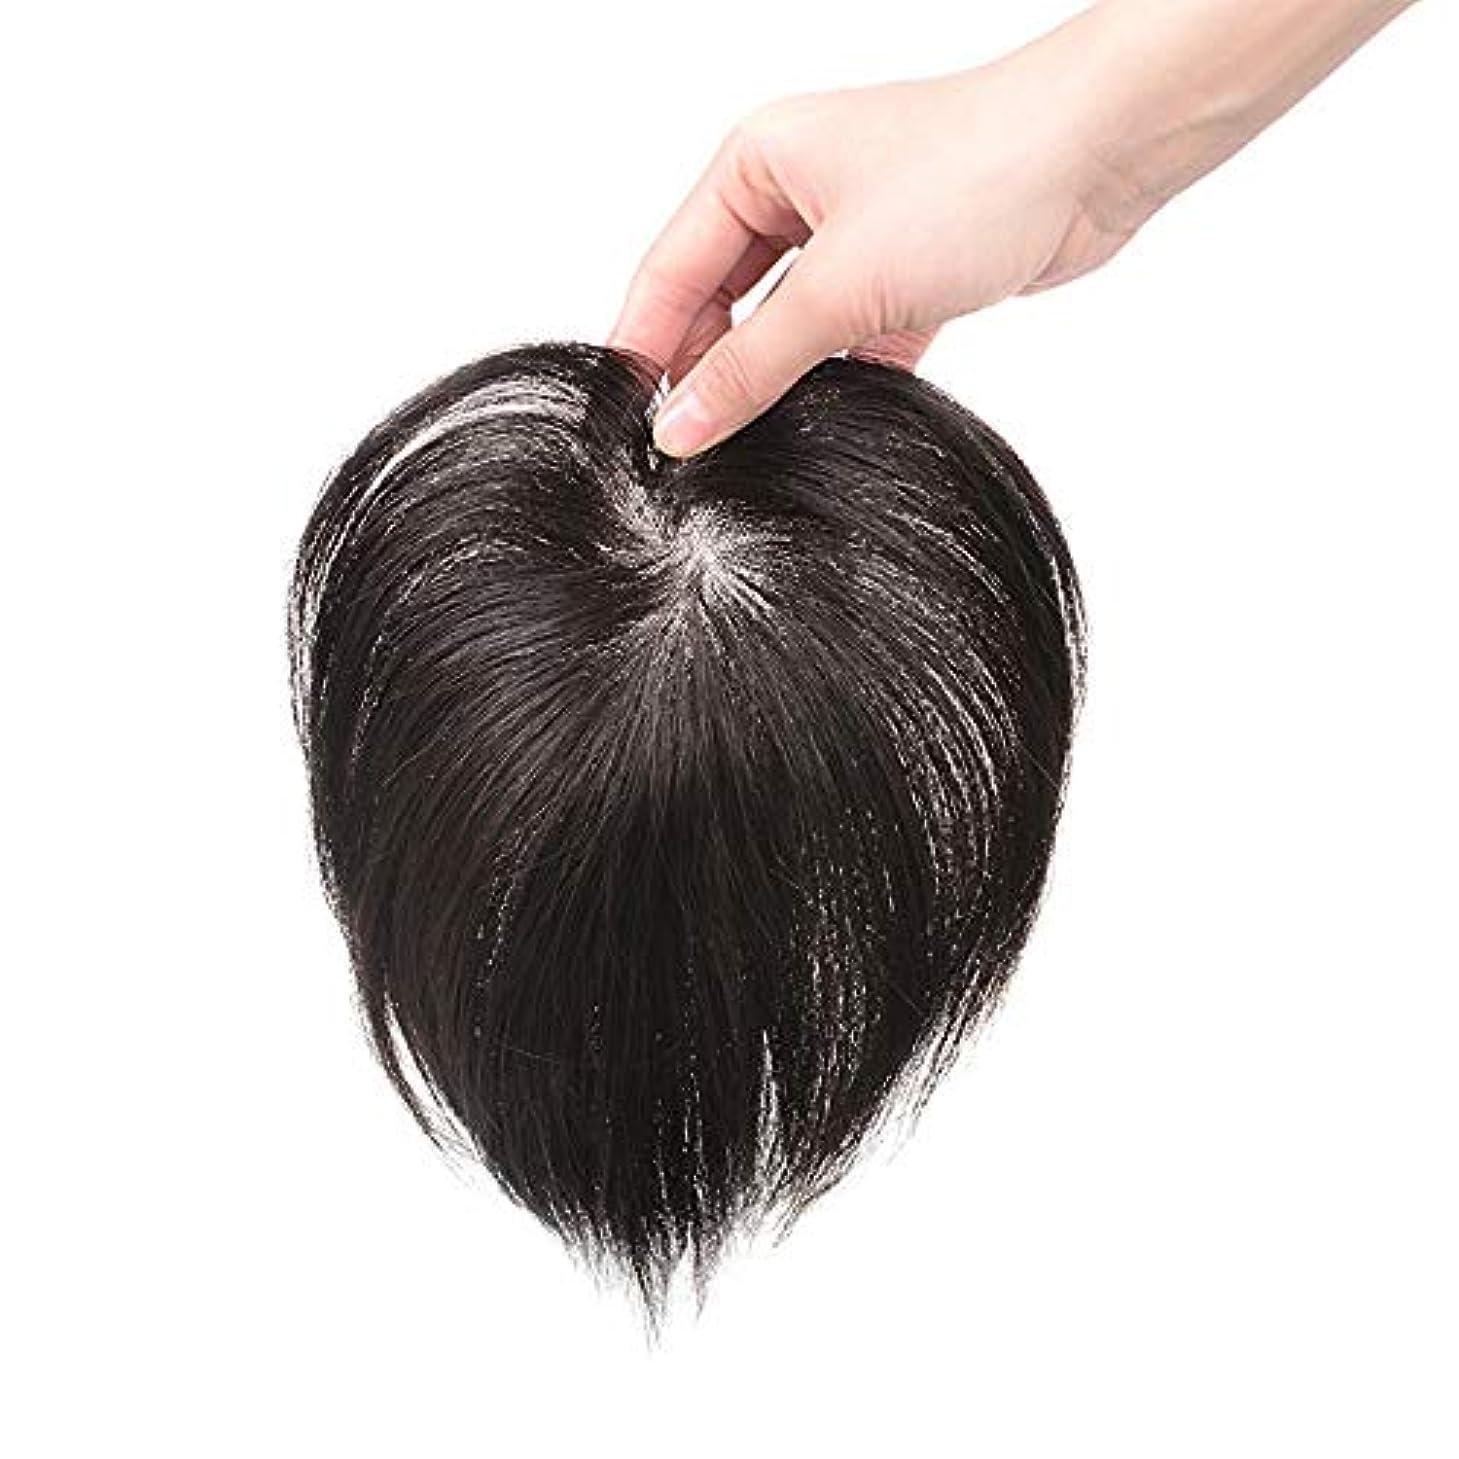 オーバーランドラゴン納屋YESONEEP 女性の快適な薄いパーティーかつらのための100%本物の髪ストレートヘアウィッグのクリップ (色 : [7x10] 30cm dark brown)